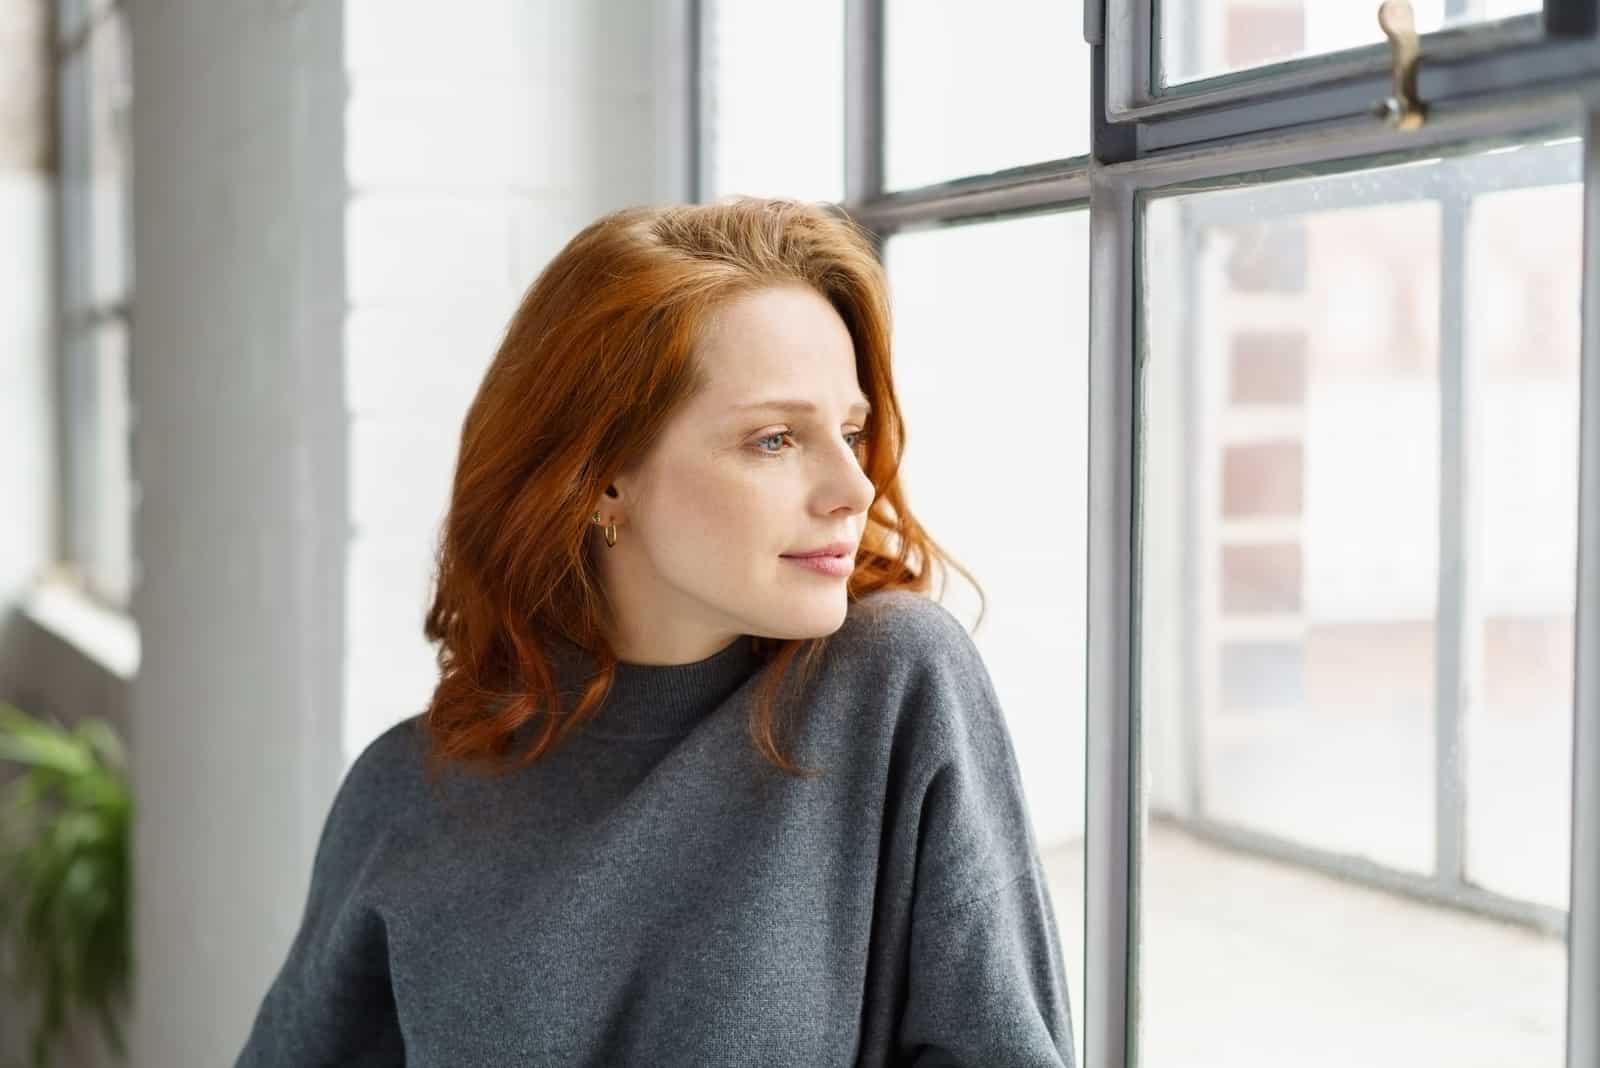 Pensive séduisante jeune femme rousse debout appuyé sur le rebord à regarder par la fenêtre